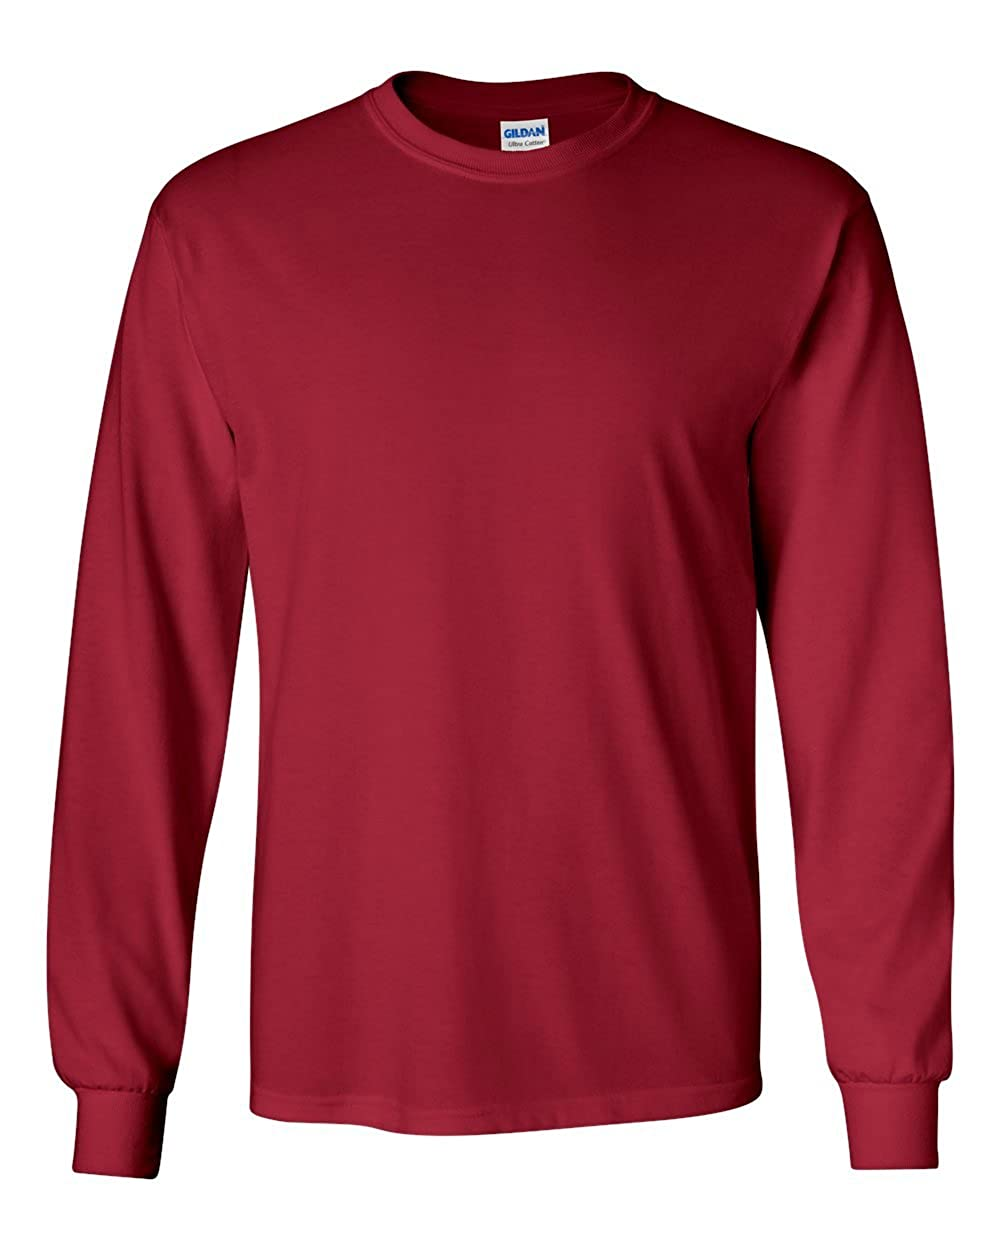 G2400 Tee Gildan 100/% Cotton Long-Sleeve T-Shirt